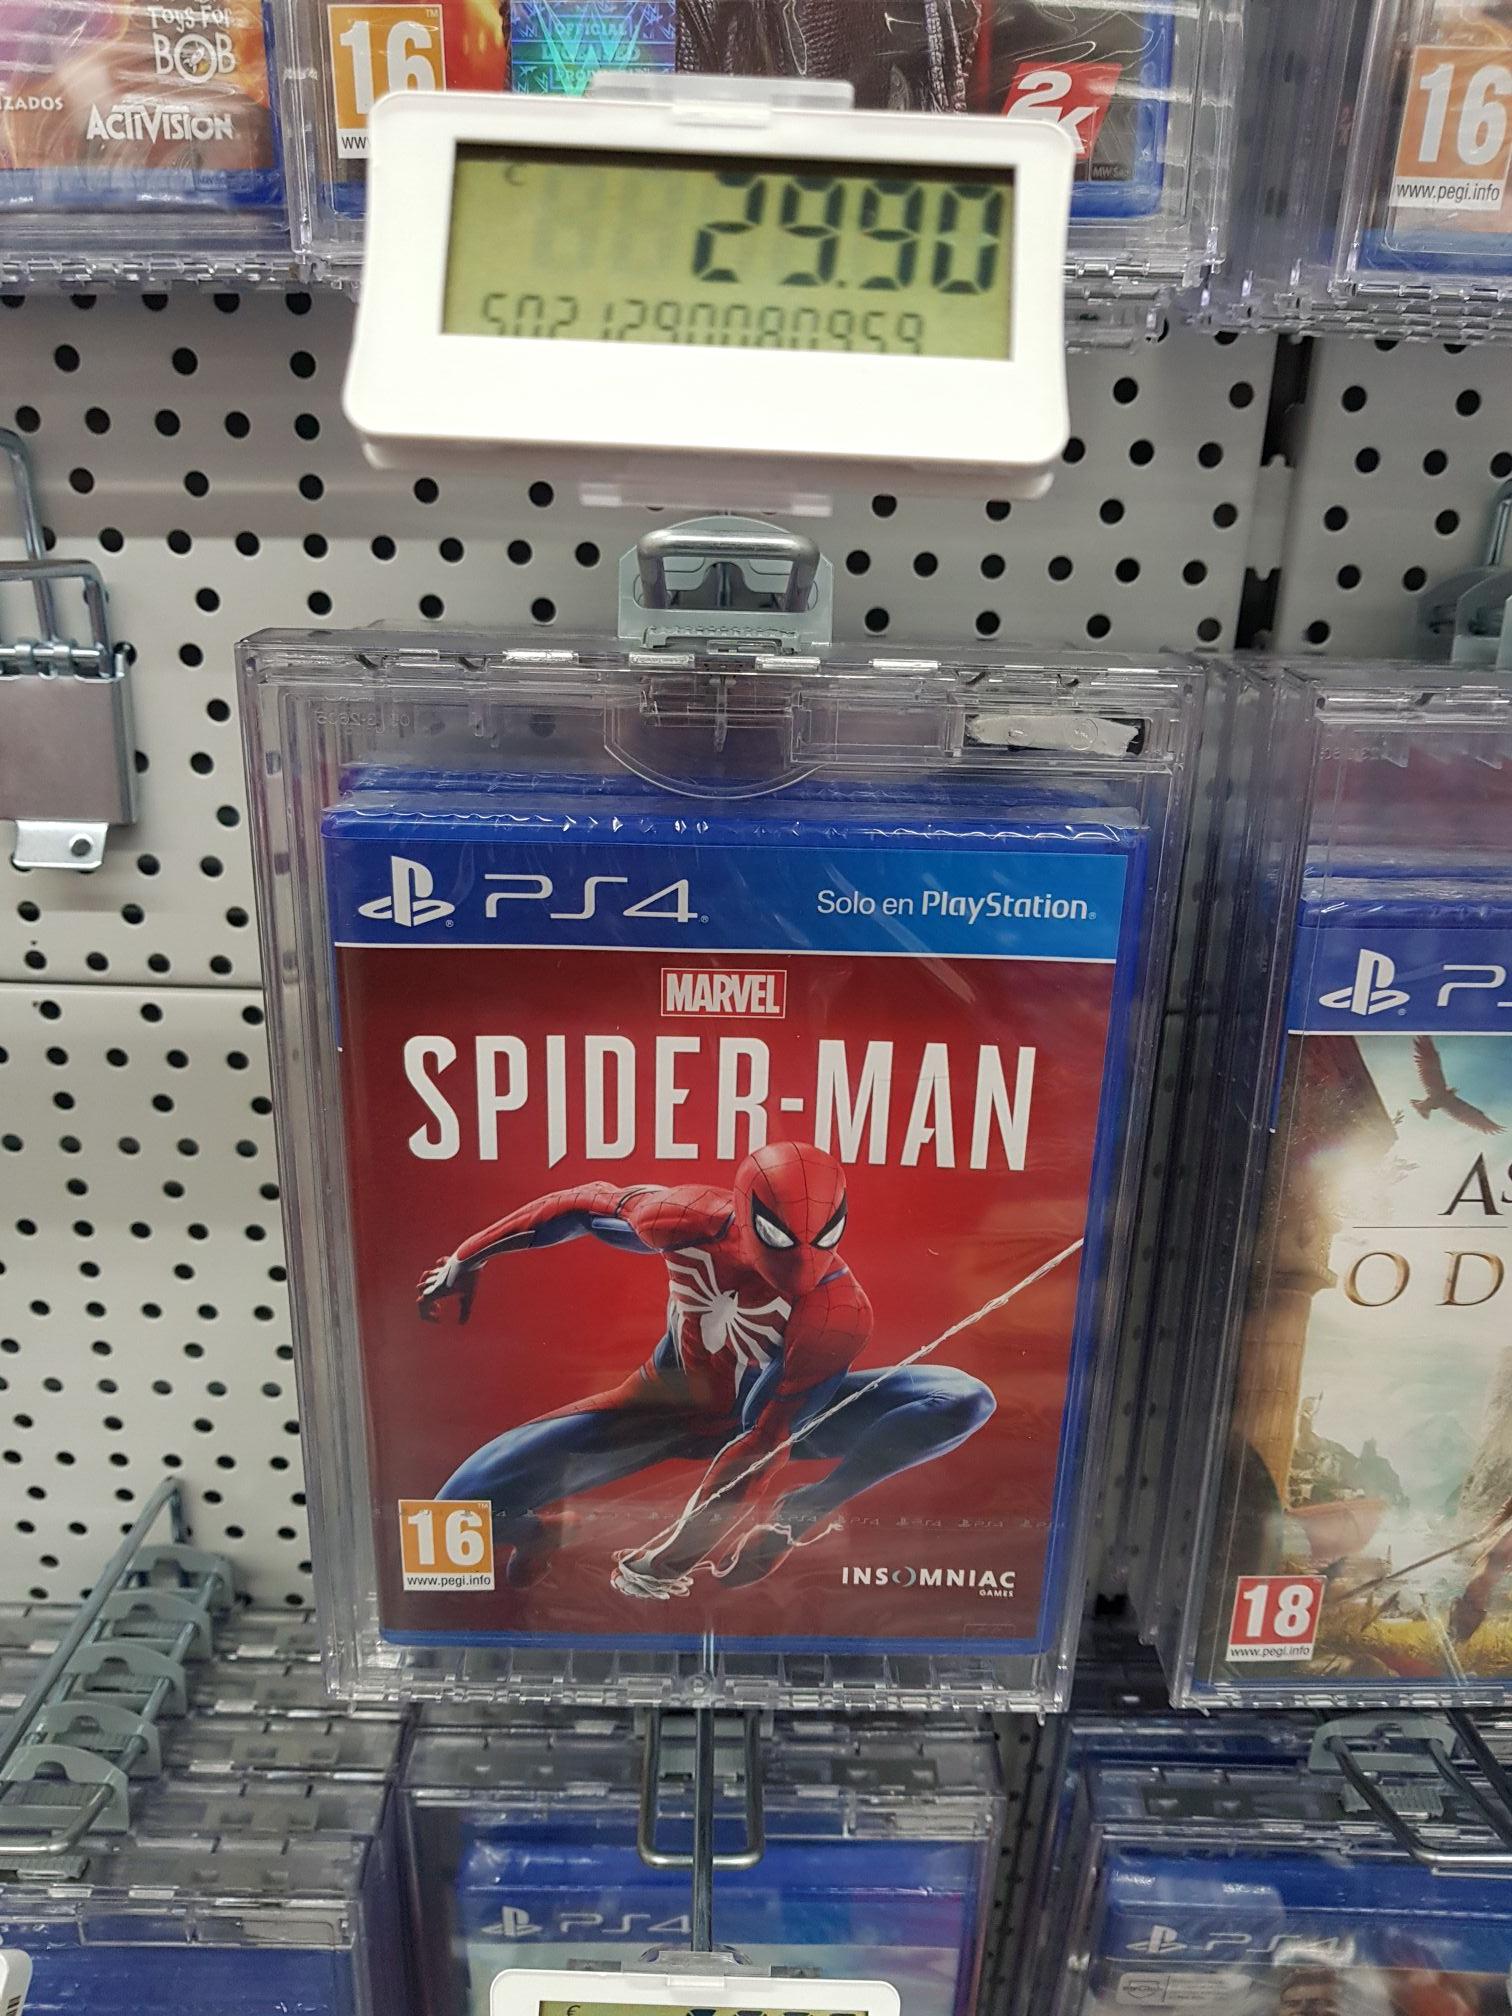 Juego Spiderman ps4 (media Markt islazul)